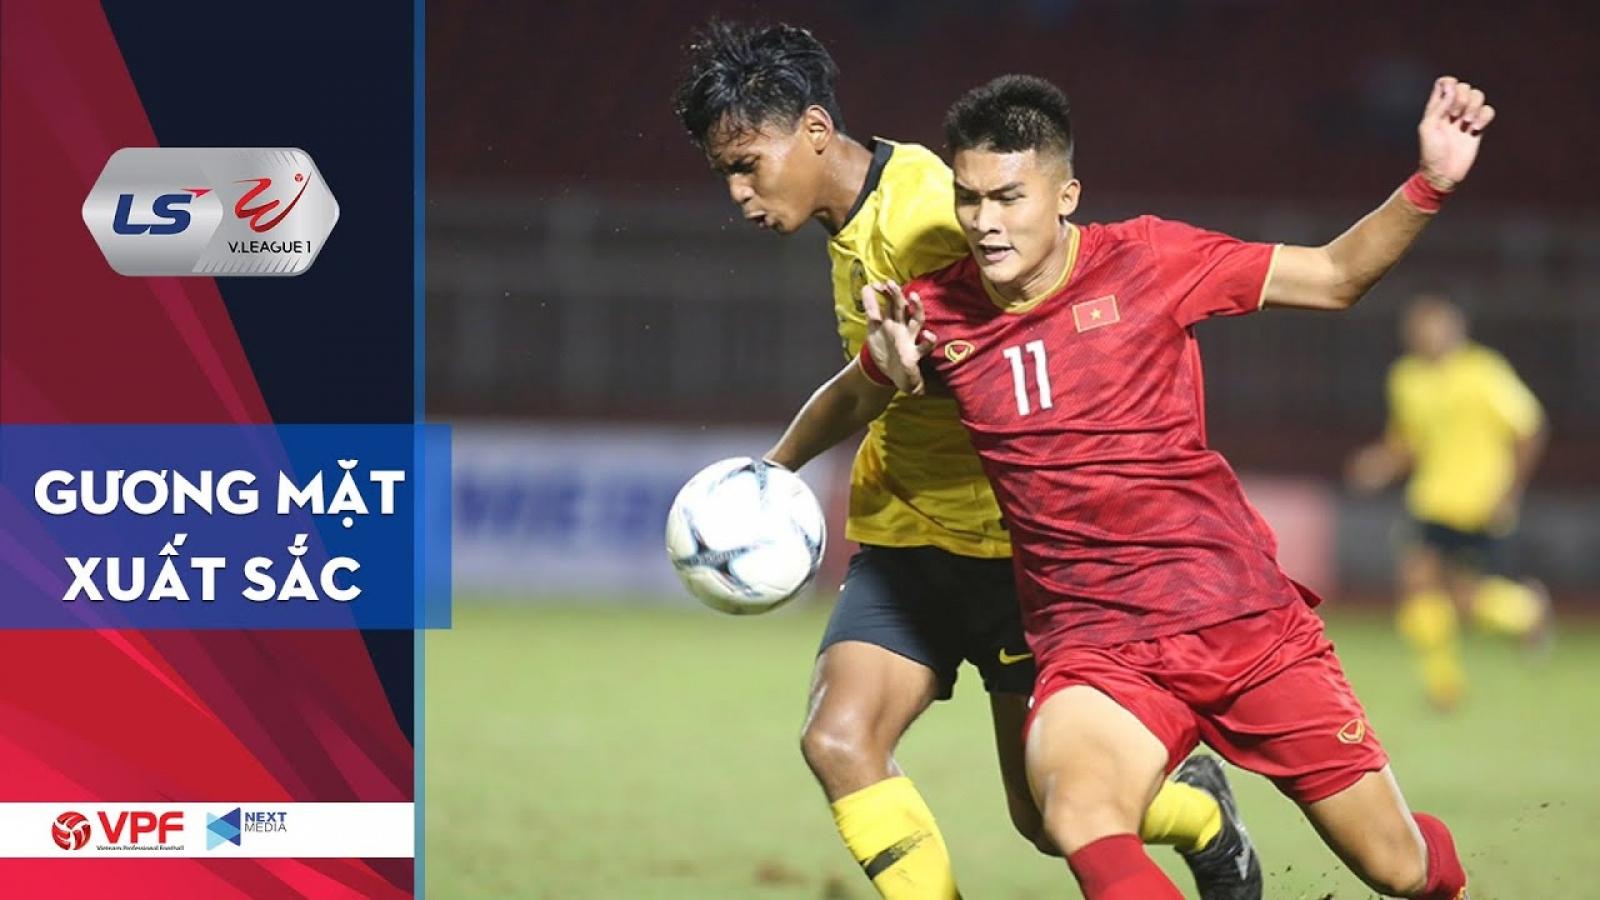 Tiền đạo Võ Nguyên Hoàng - Cầu thủ nổi bật của U19 Việt Nam